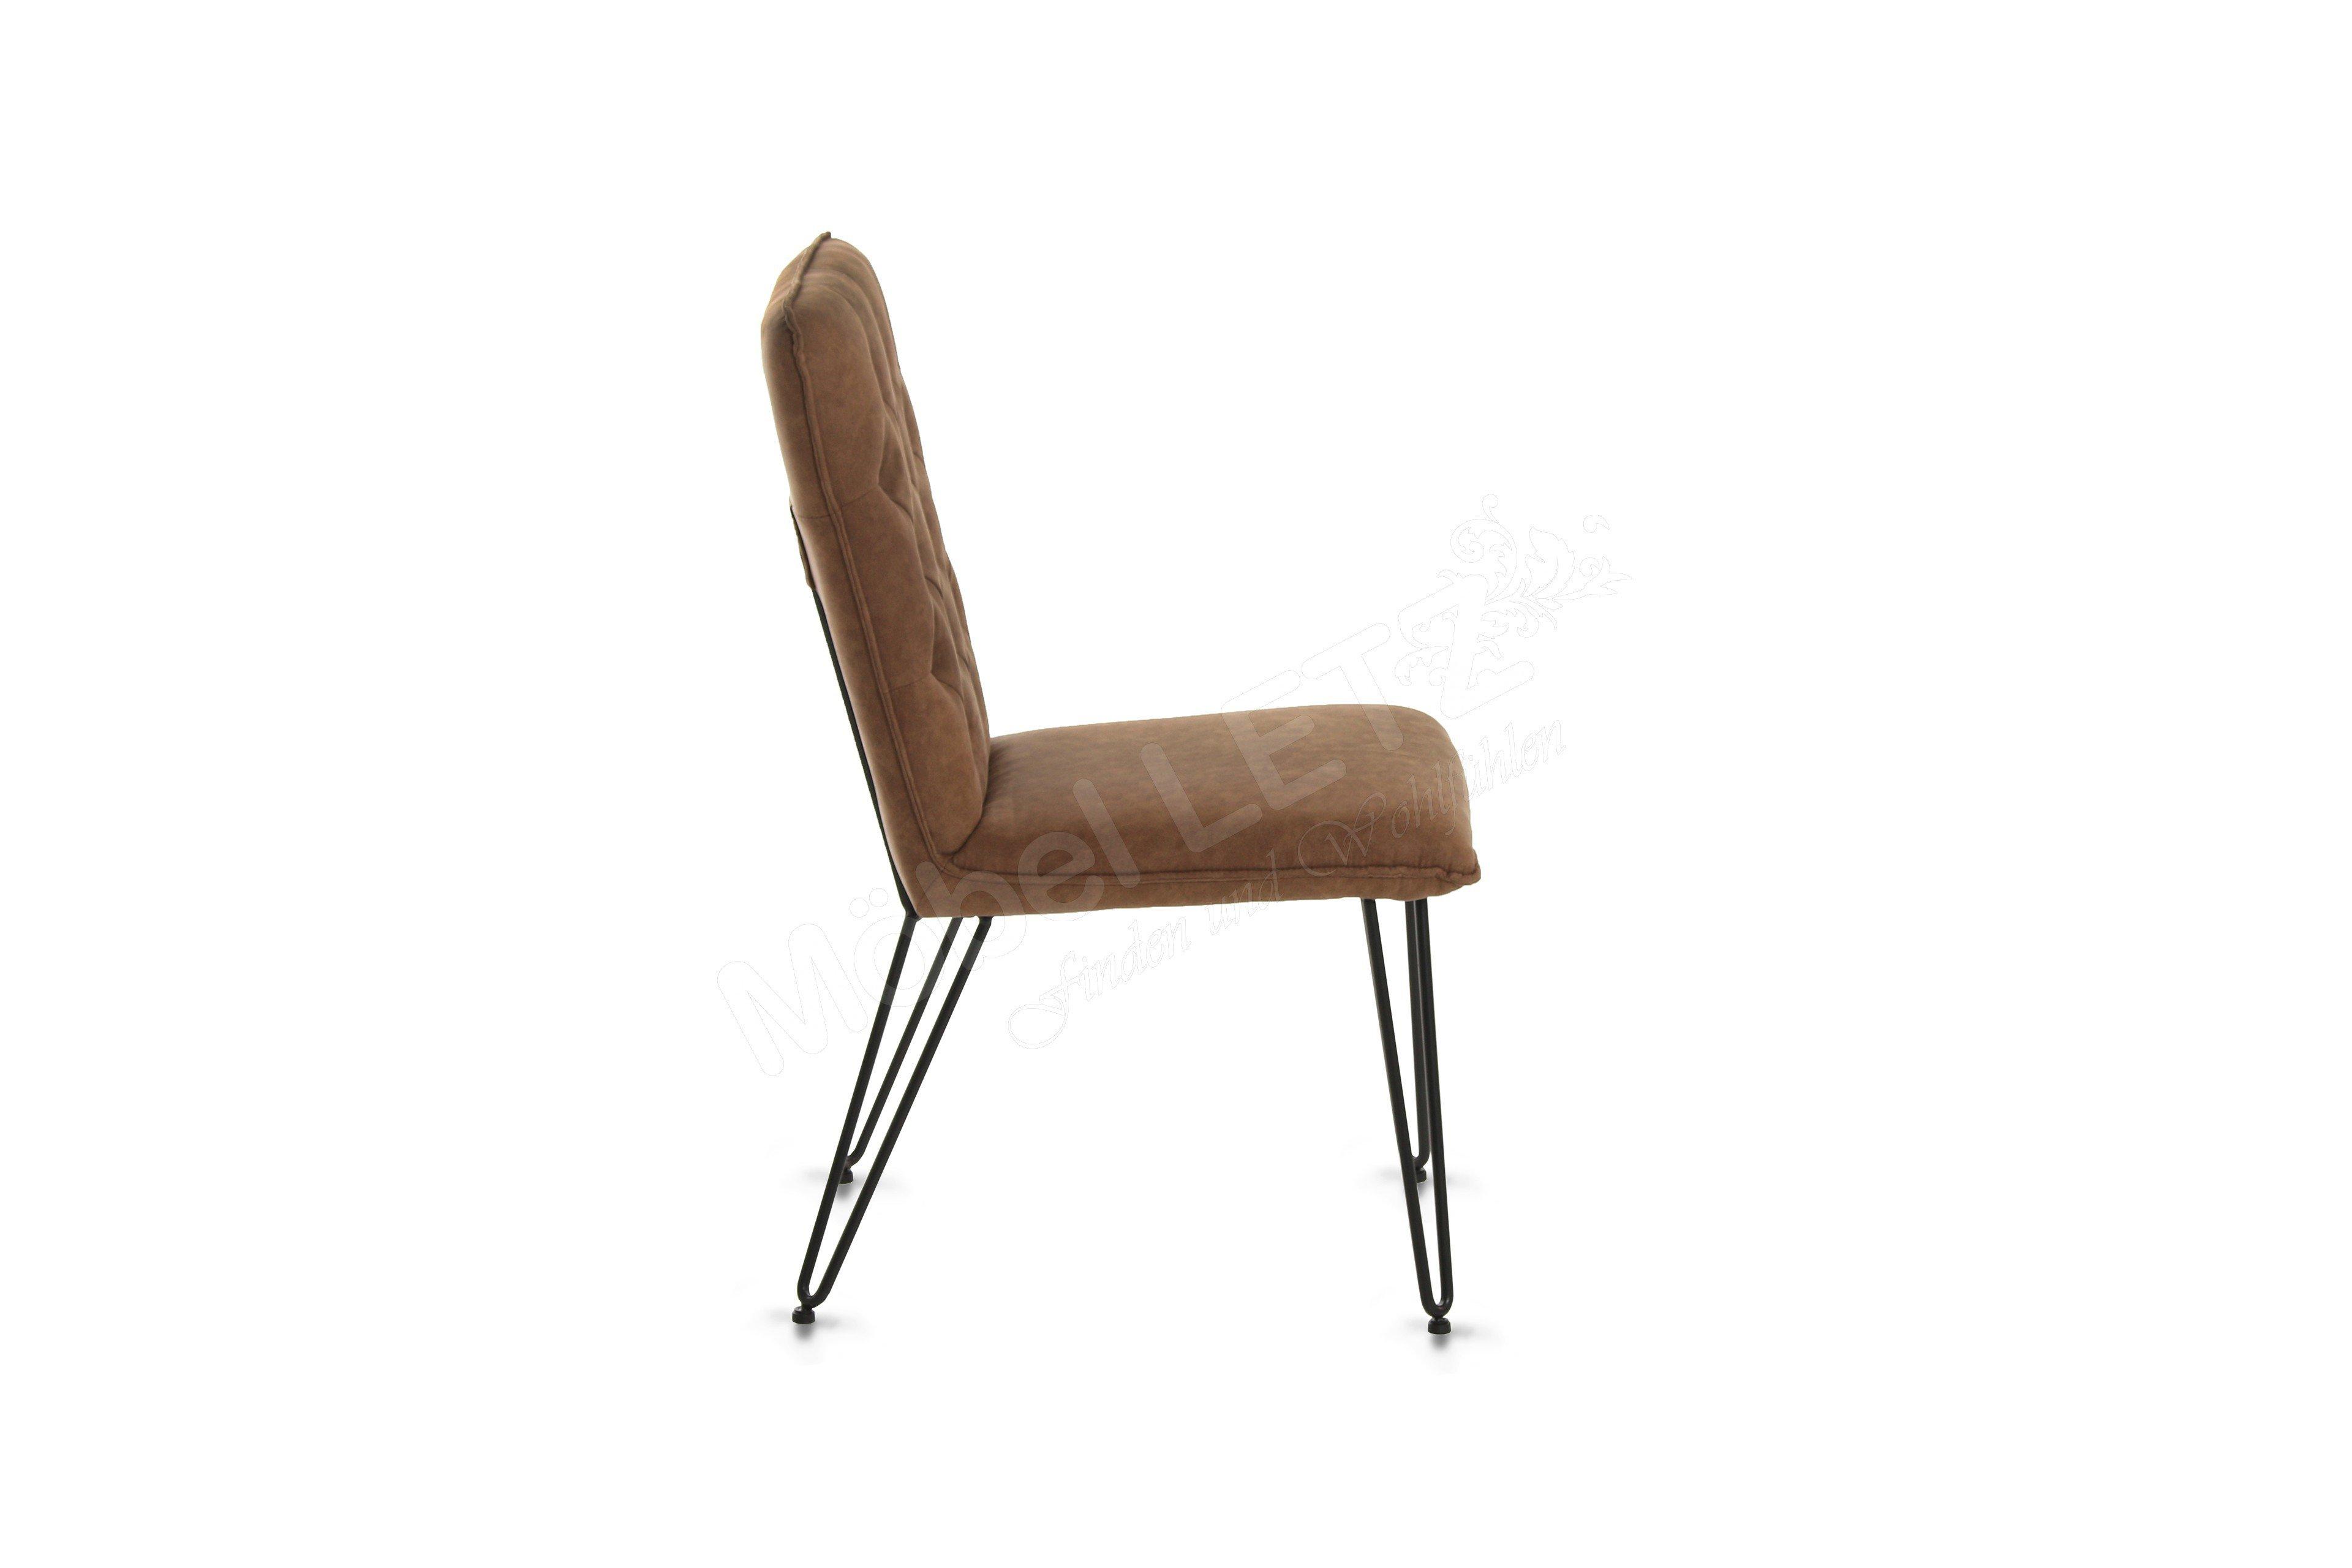 wohn gl ck lich stuhl levi 5079 braun m bel letz ihr. Black Bedroom Furniture Sets. Home Design Ideas